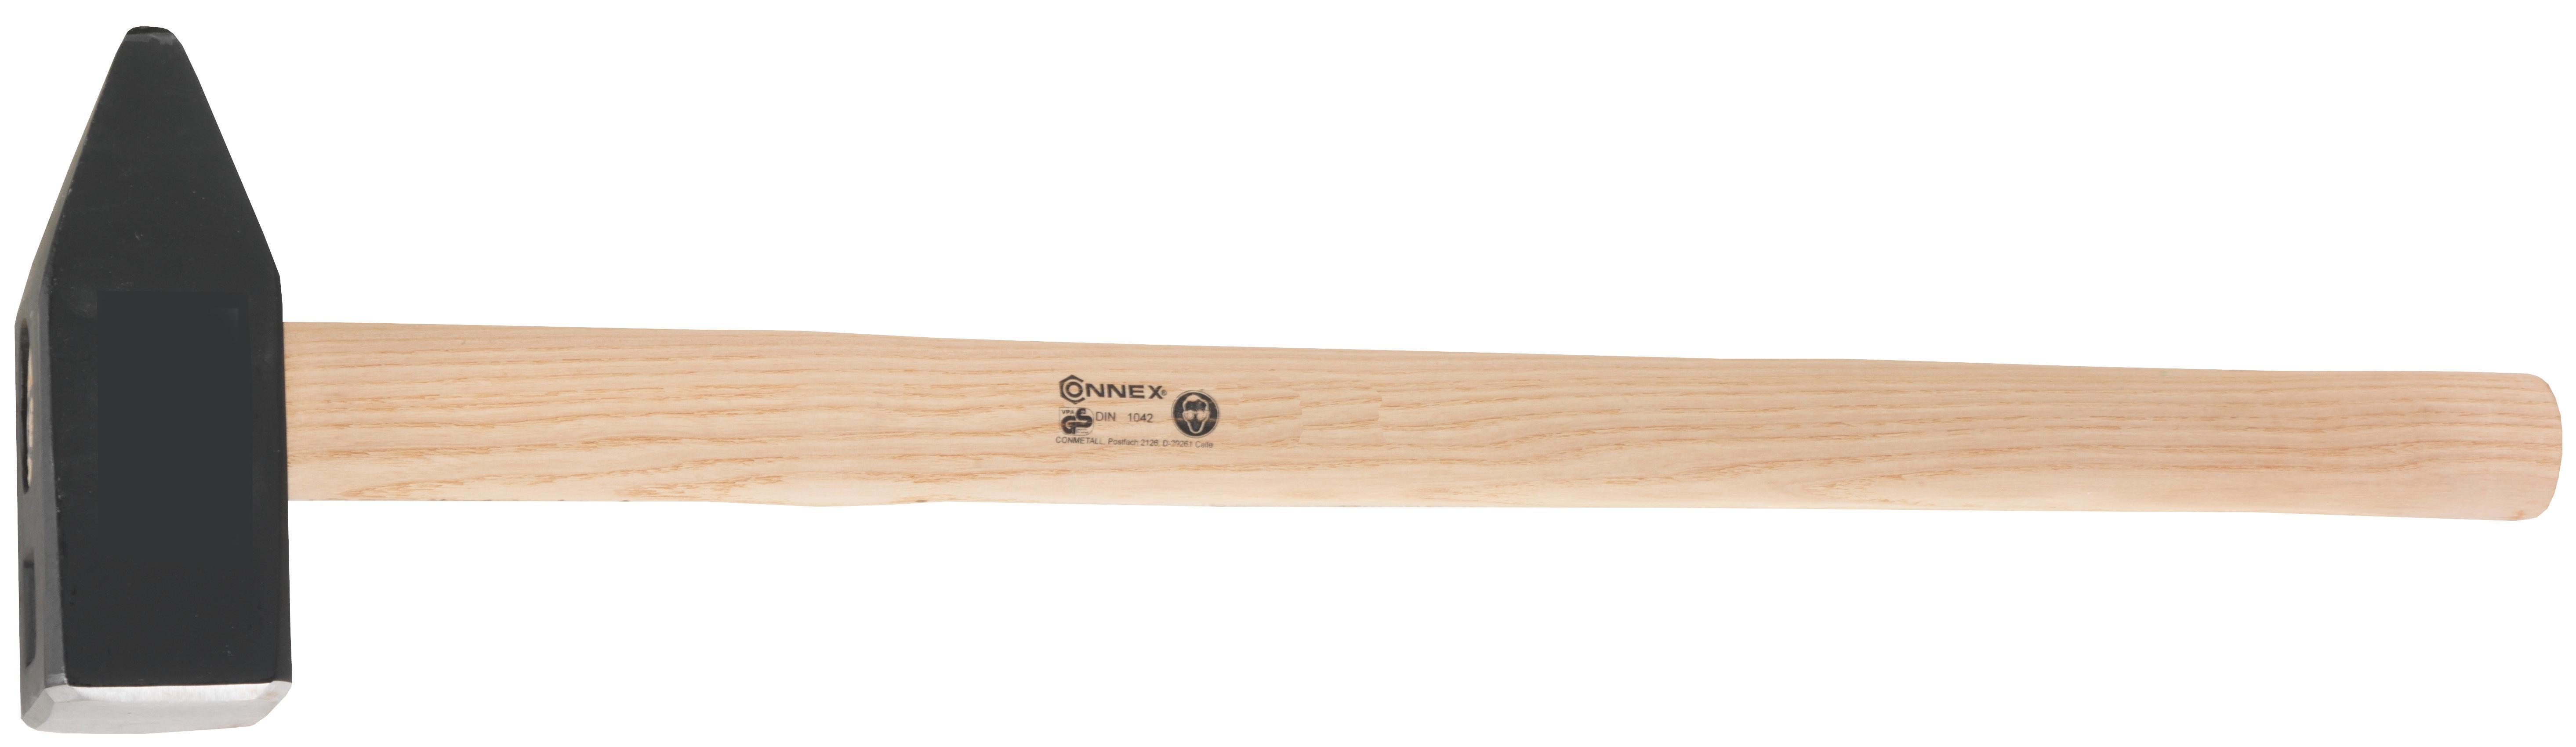 connex vorschlaghammer 4 kg holzstiel hammer mottek abrisshammer werkzeug cox624004. Black Bedroom Furniture Sets. Home Design Ideas